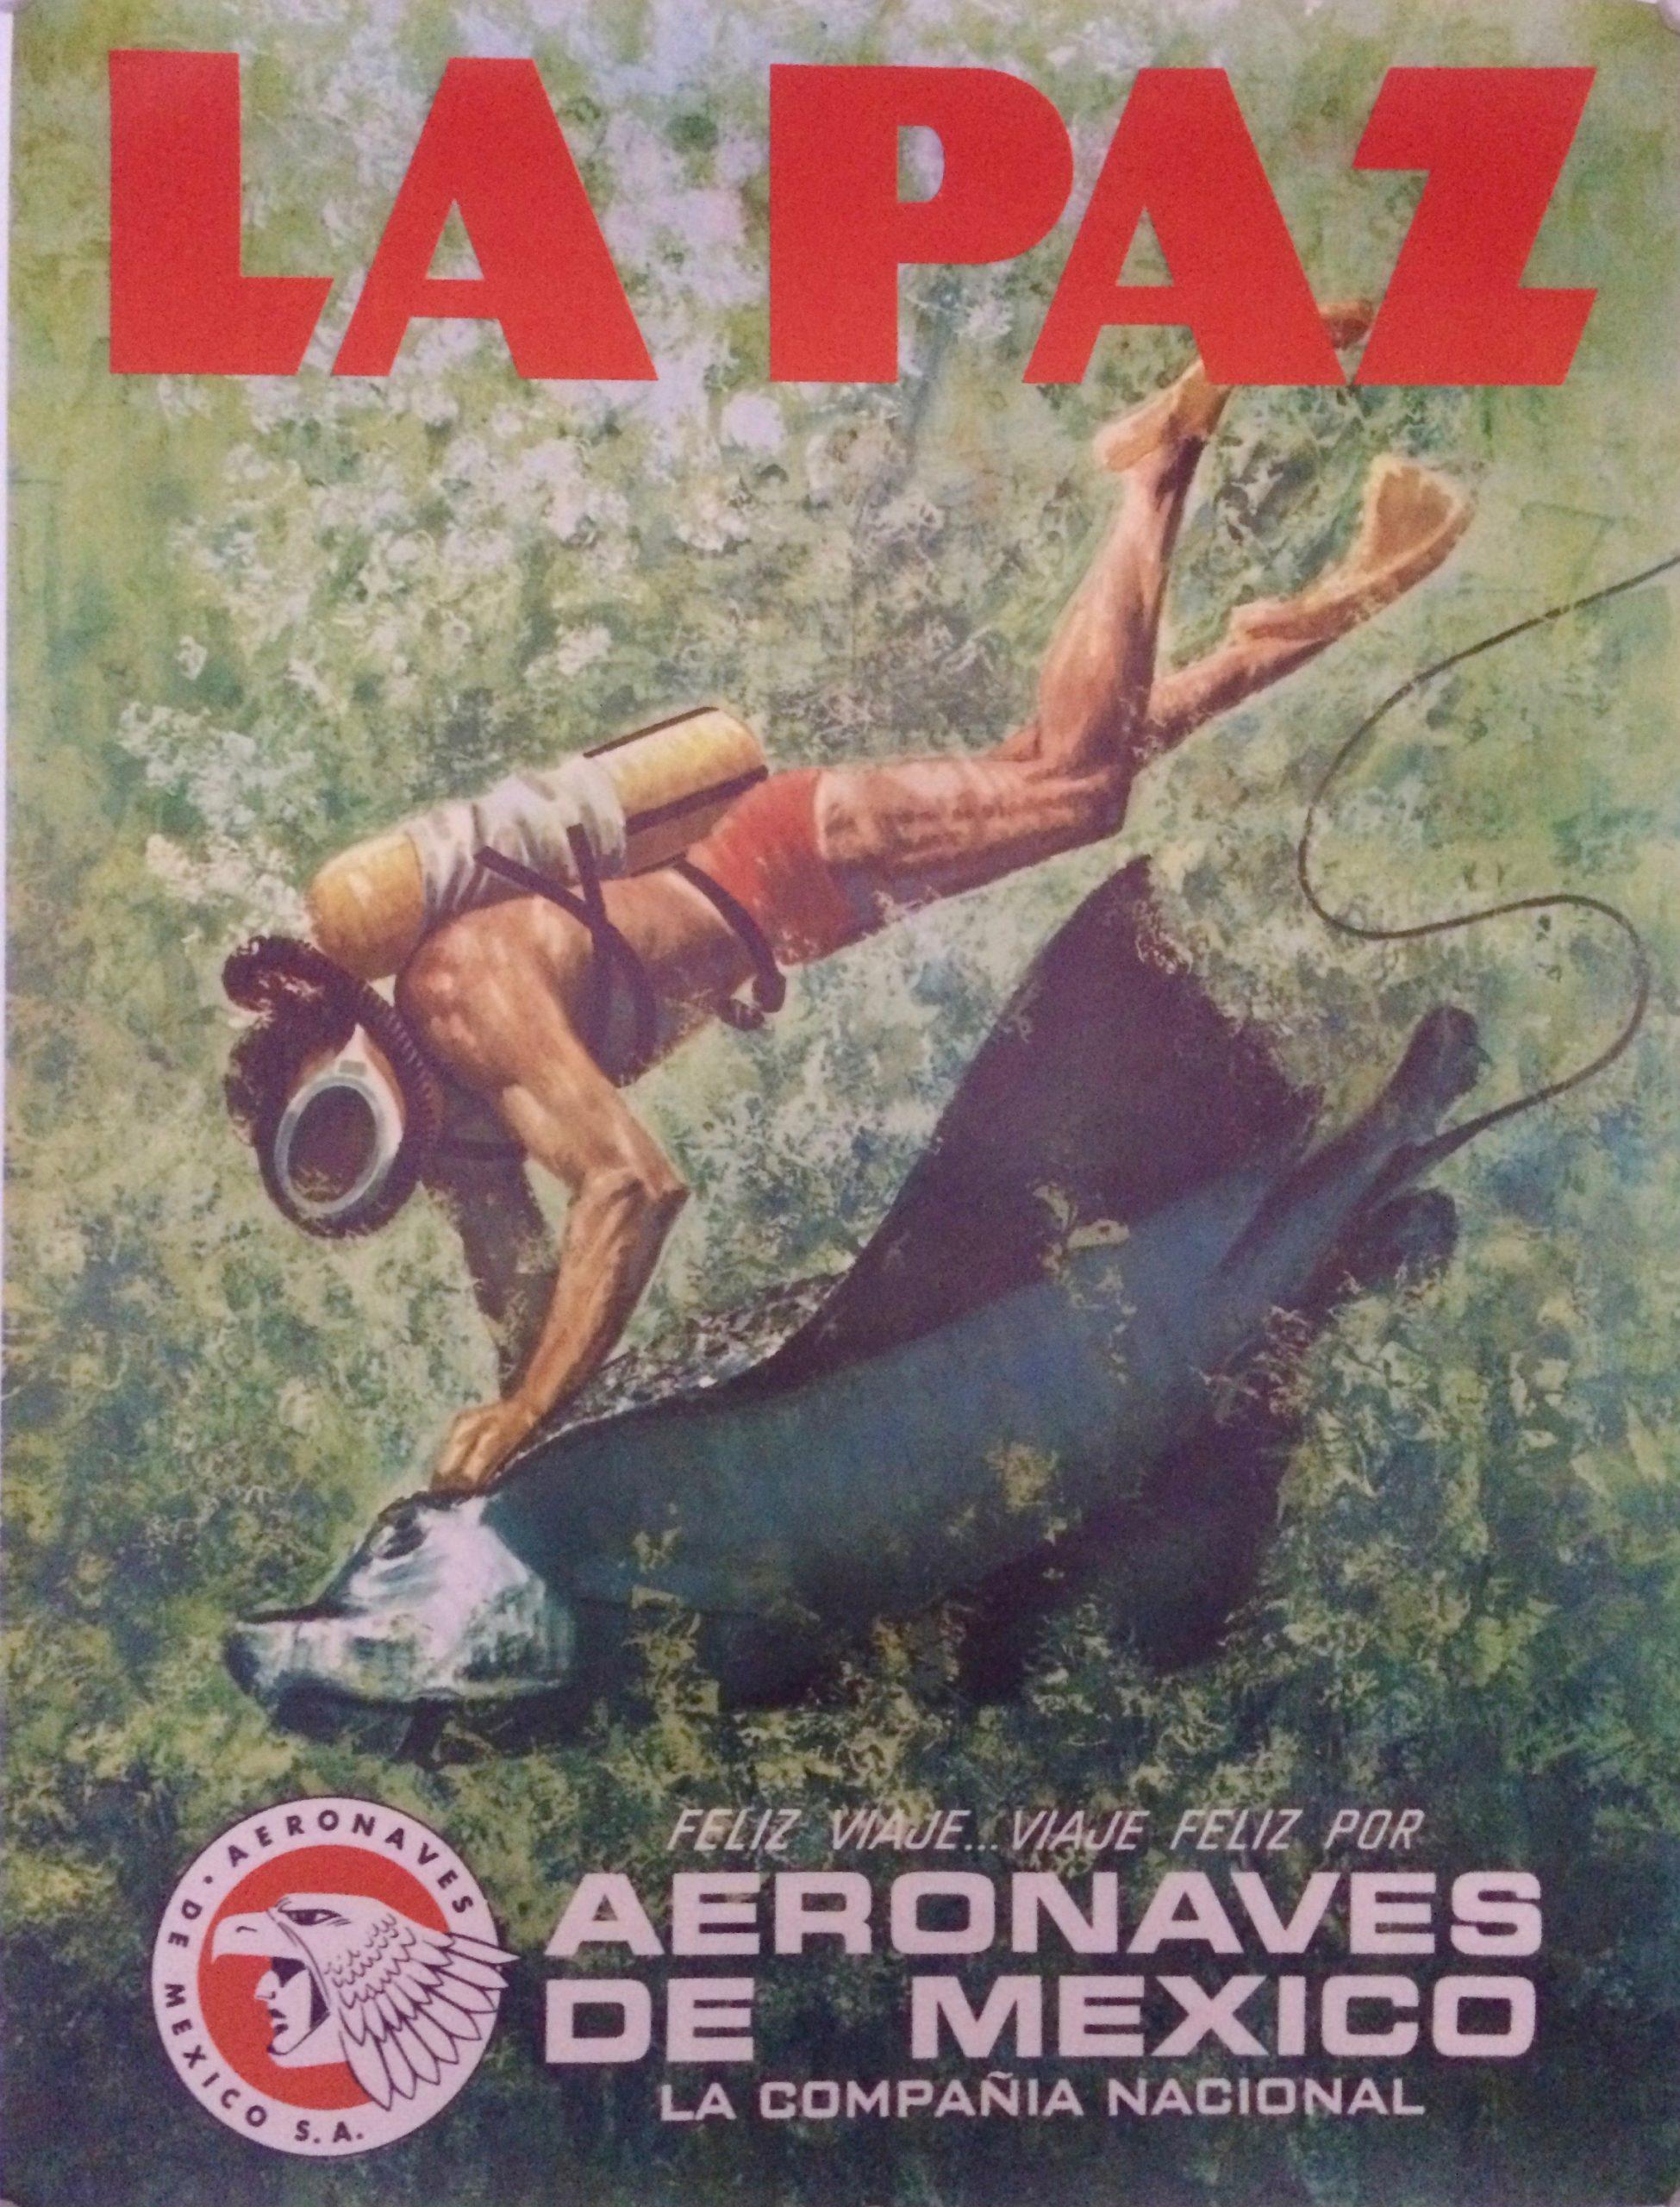 Travel to La Paz with Aeronaves de Mexicoes